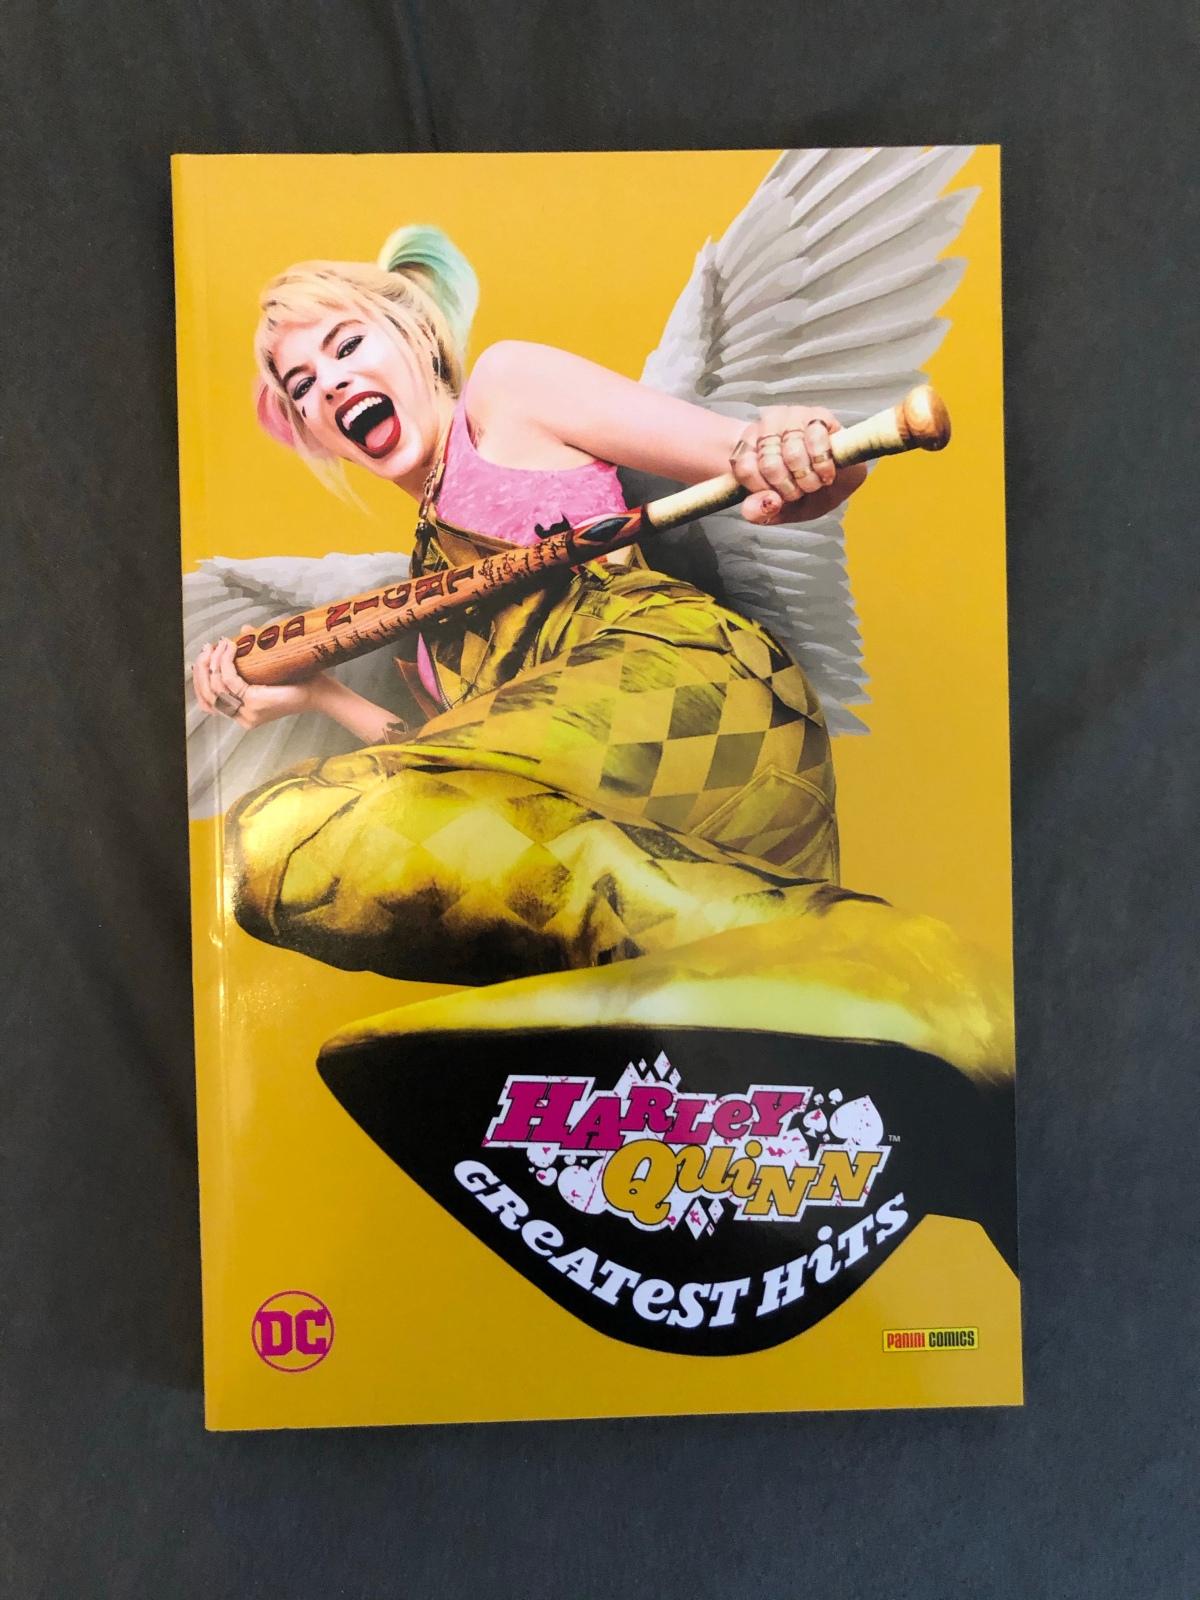 Birds of Prey: The Emancipation of Harley Quinn Gewinnspiel! [unbezahlte Werbung/Kooperation] VORBEI